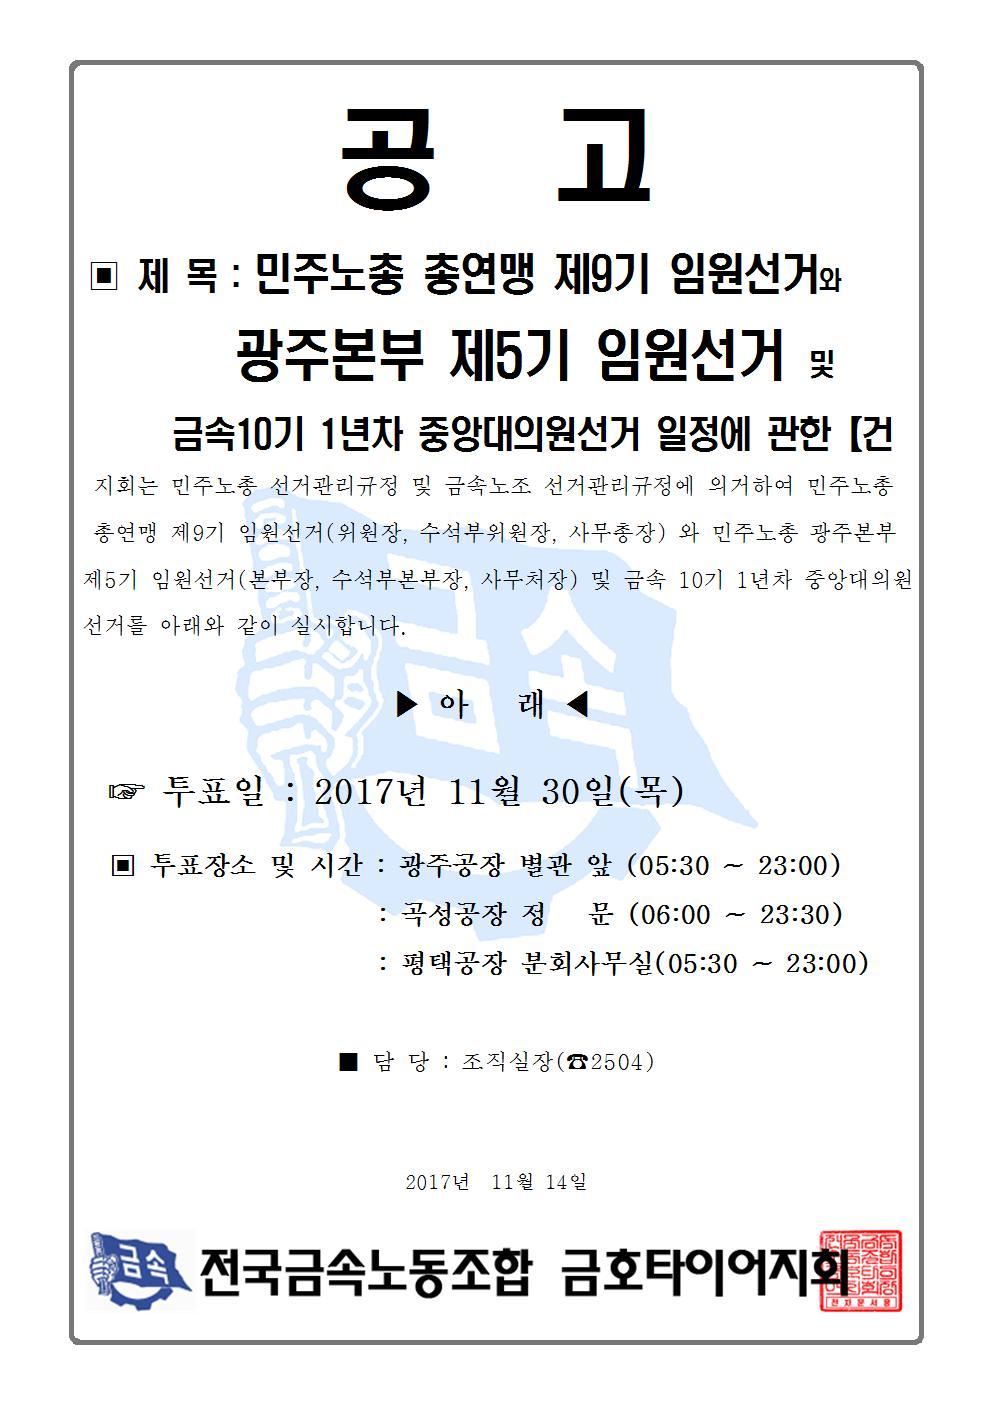 민주노총임원선거 일정 공고001.jpg